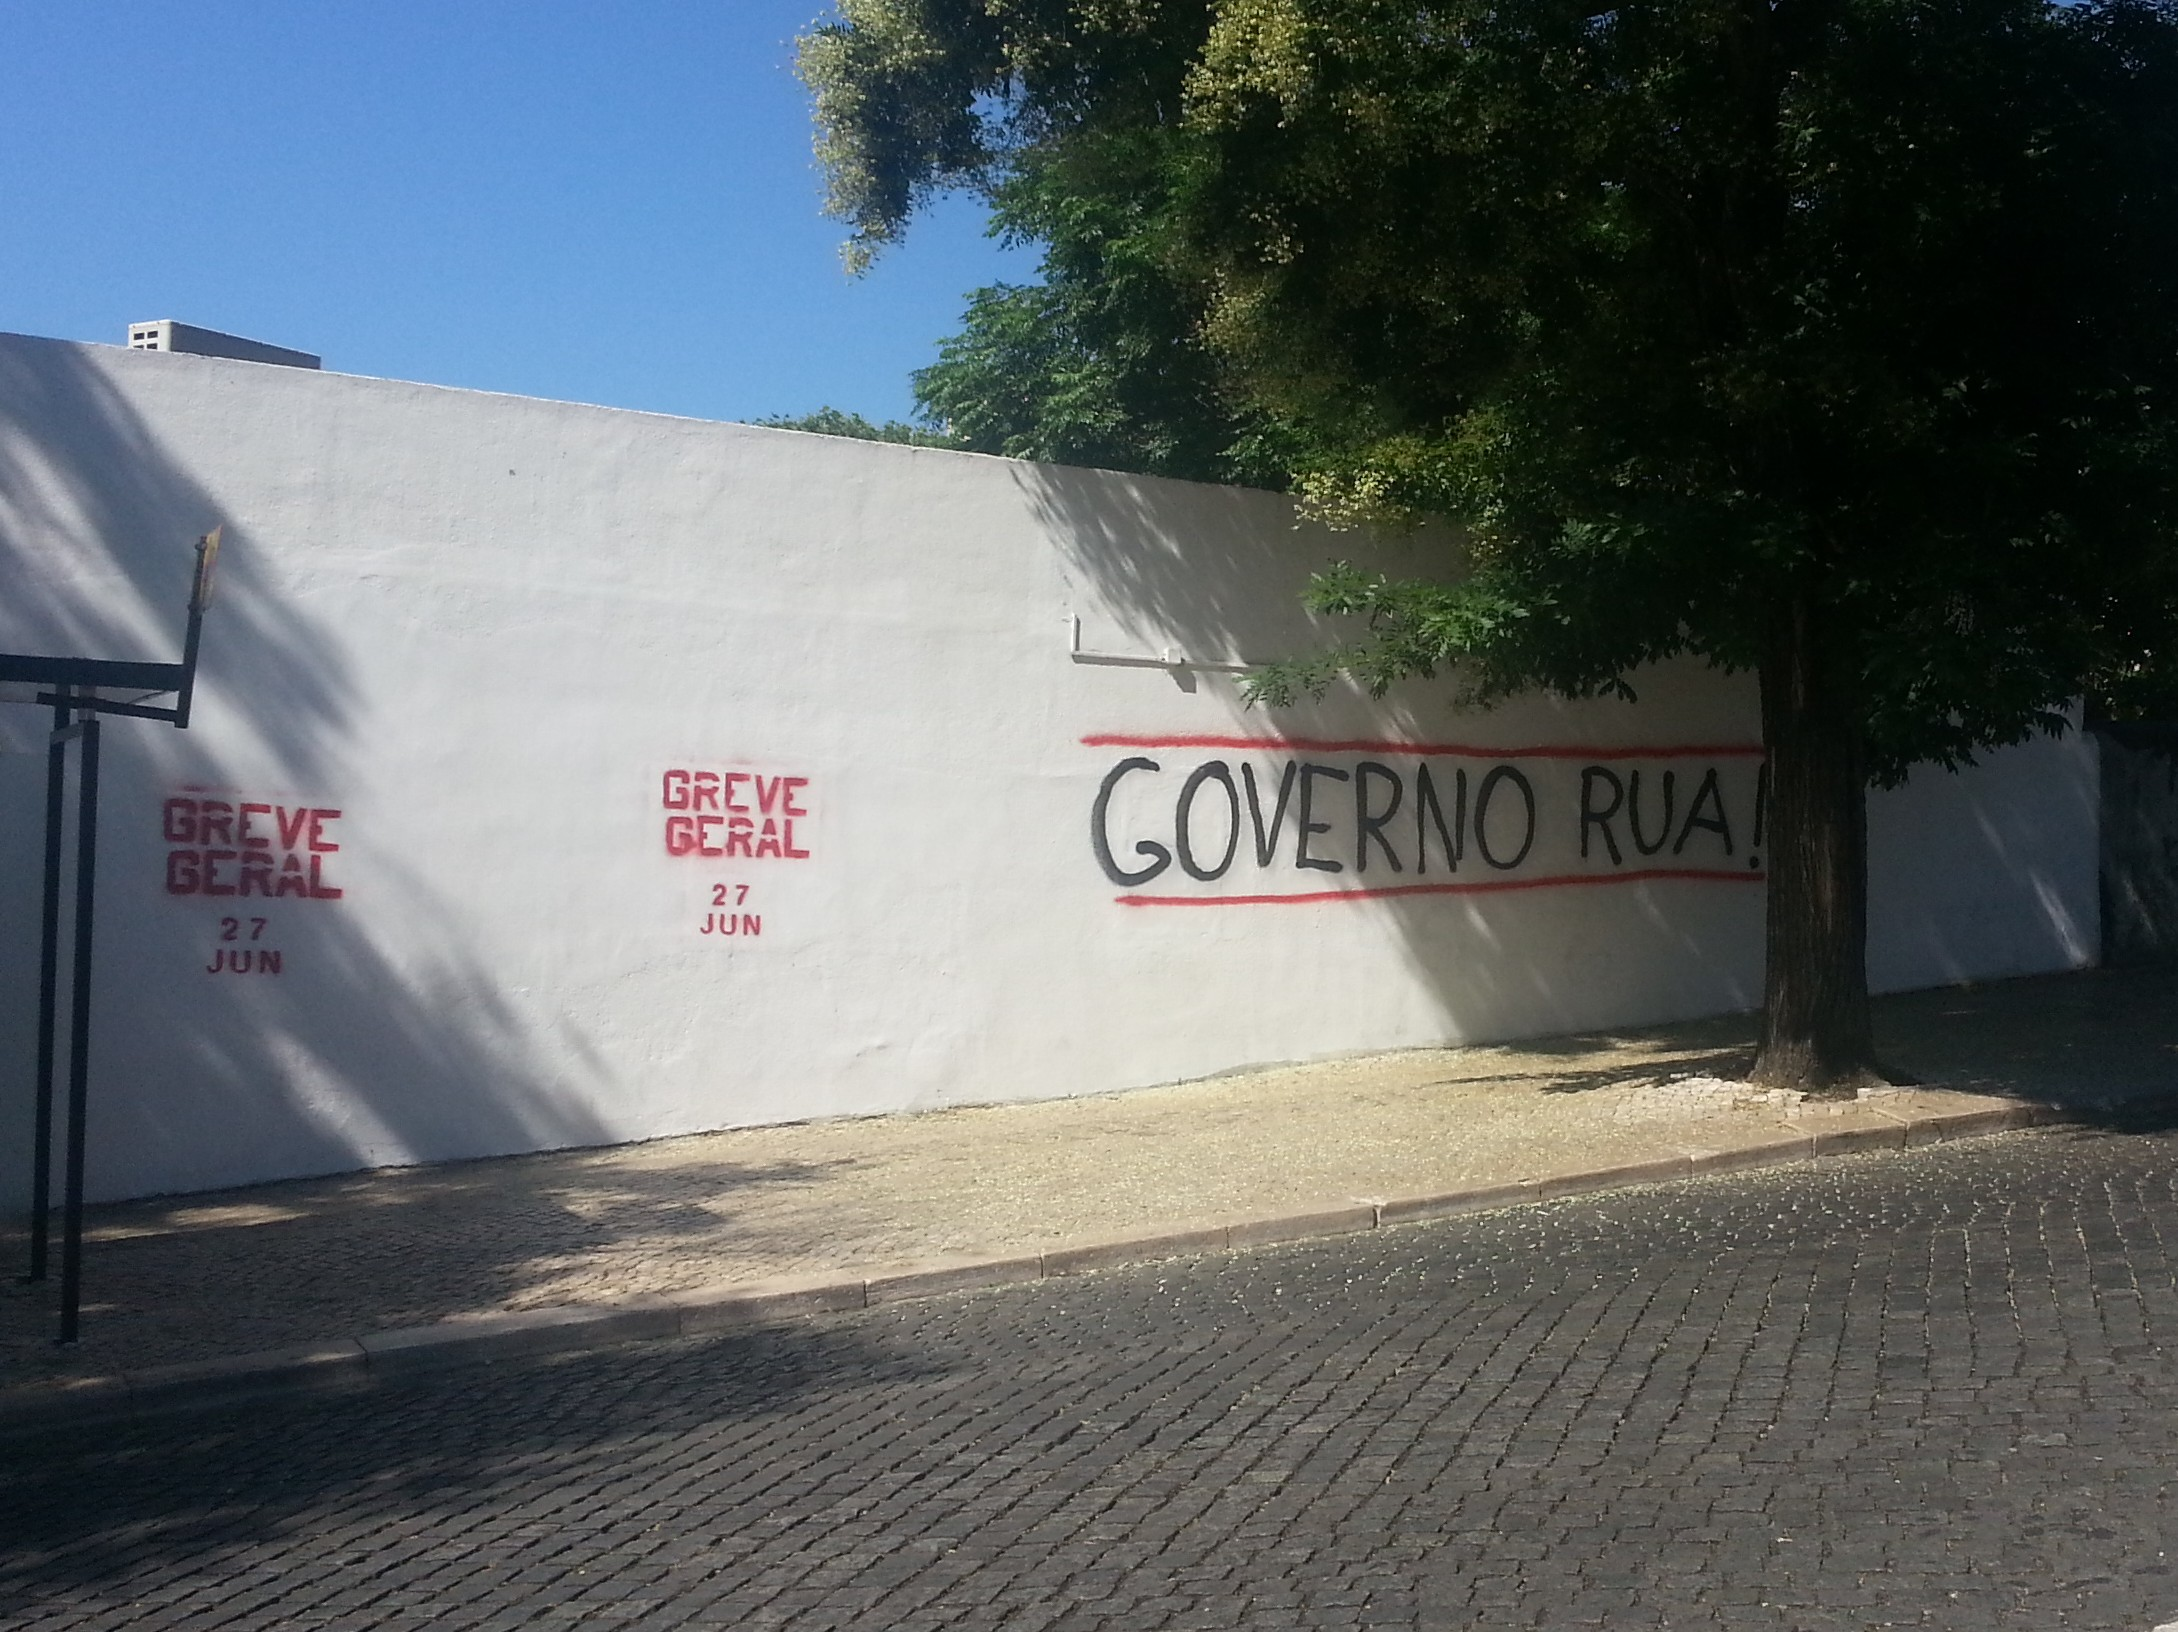 Ruas_Lx